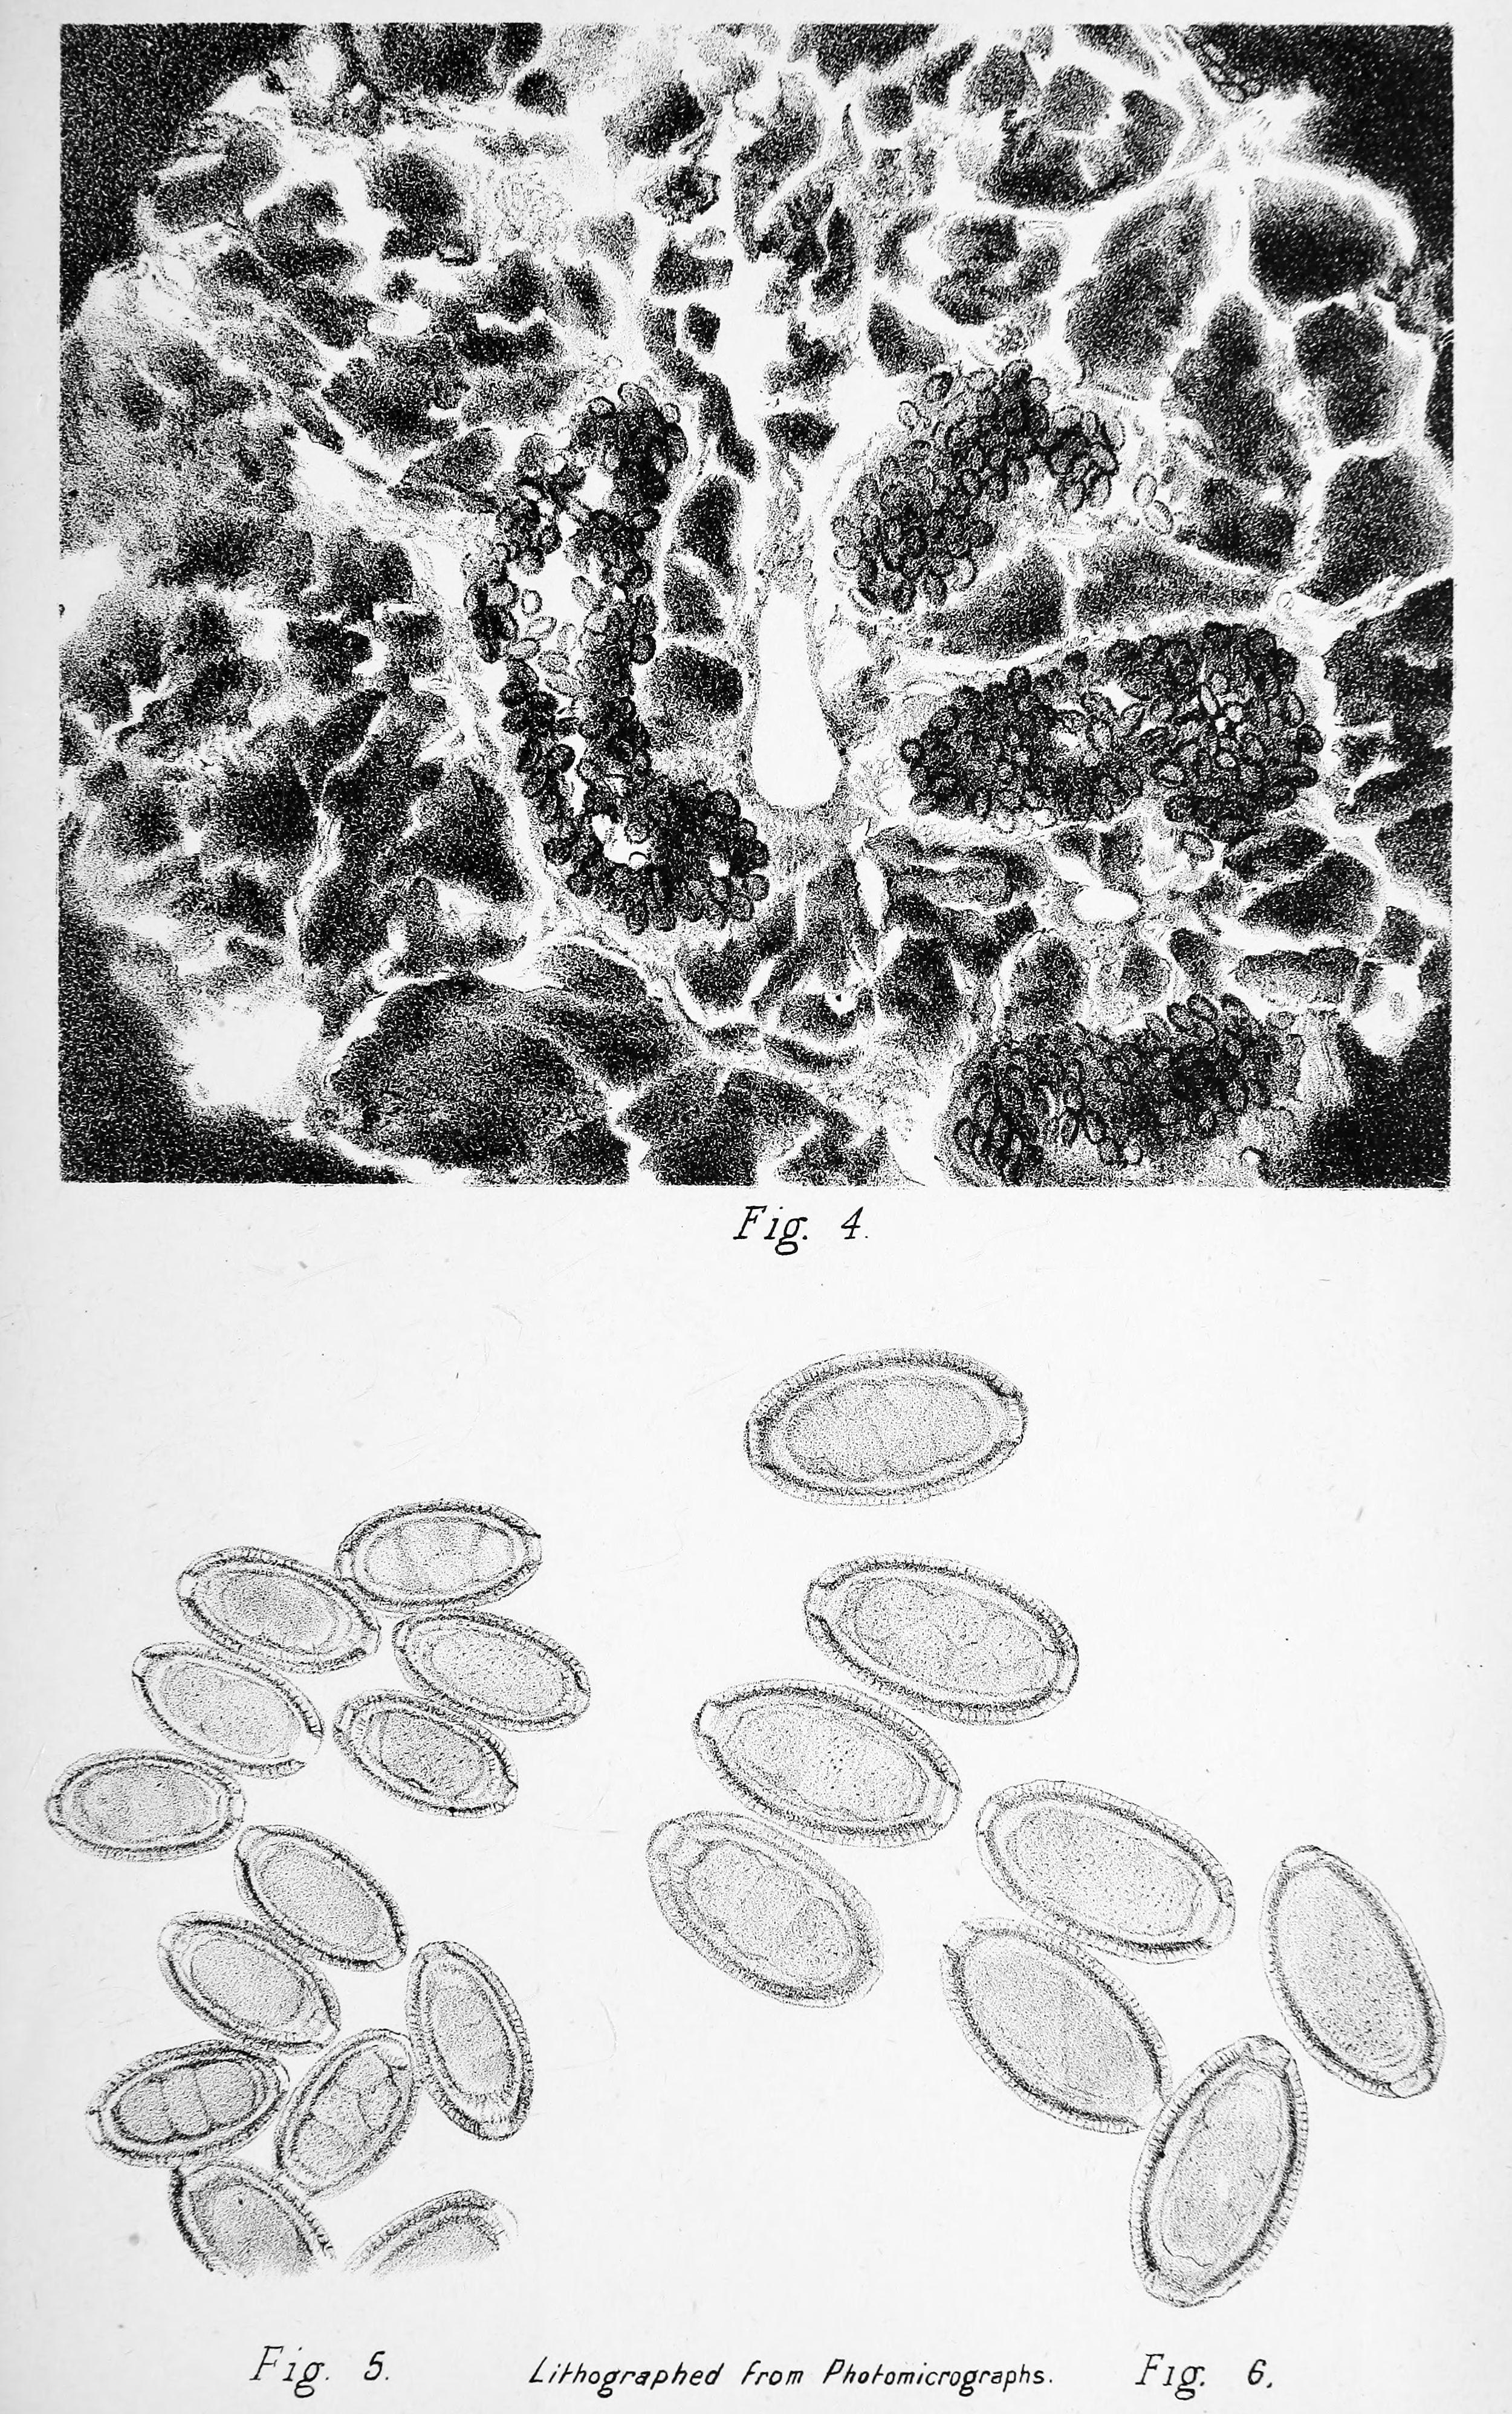 trichocephalosis taxonómia